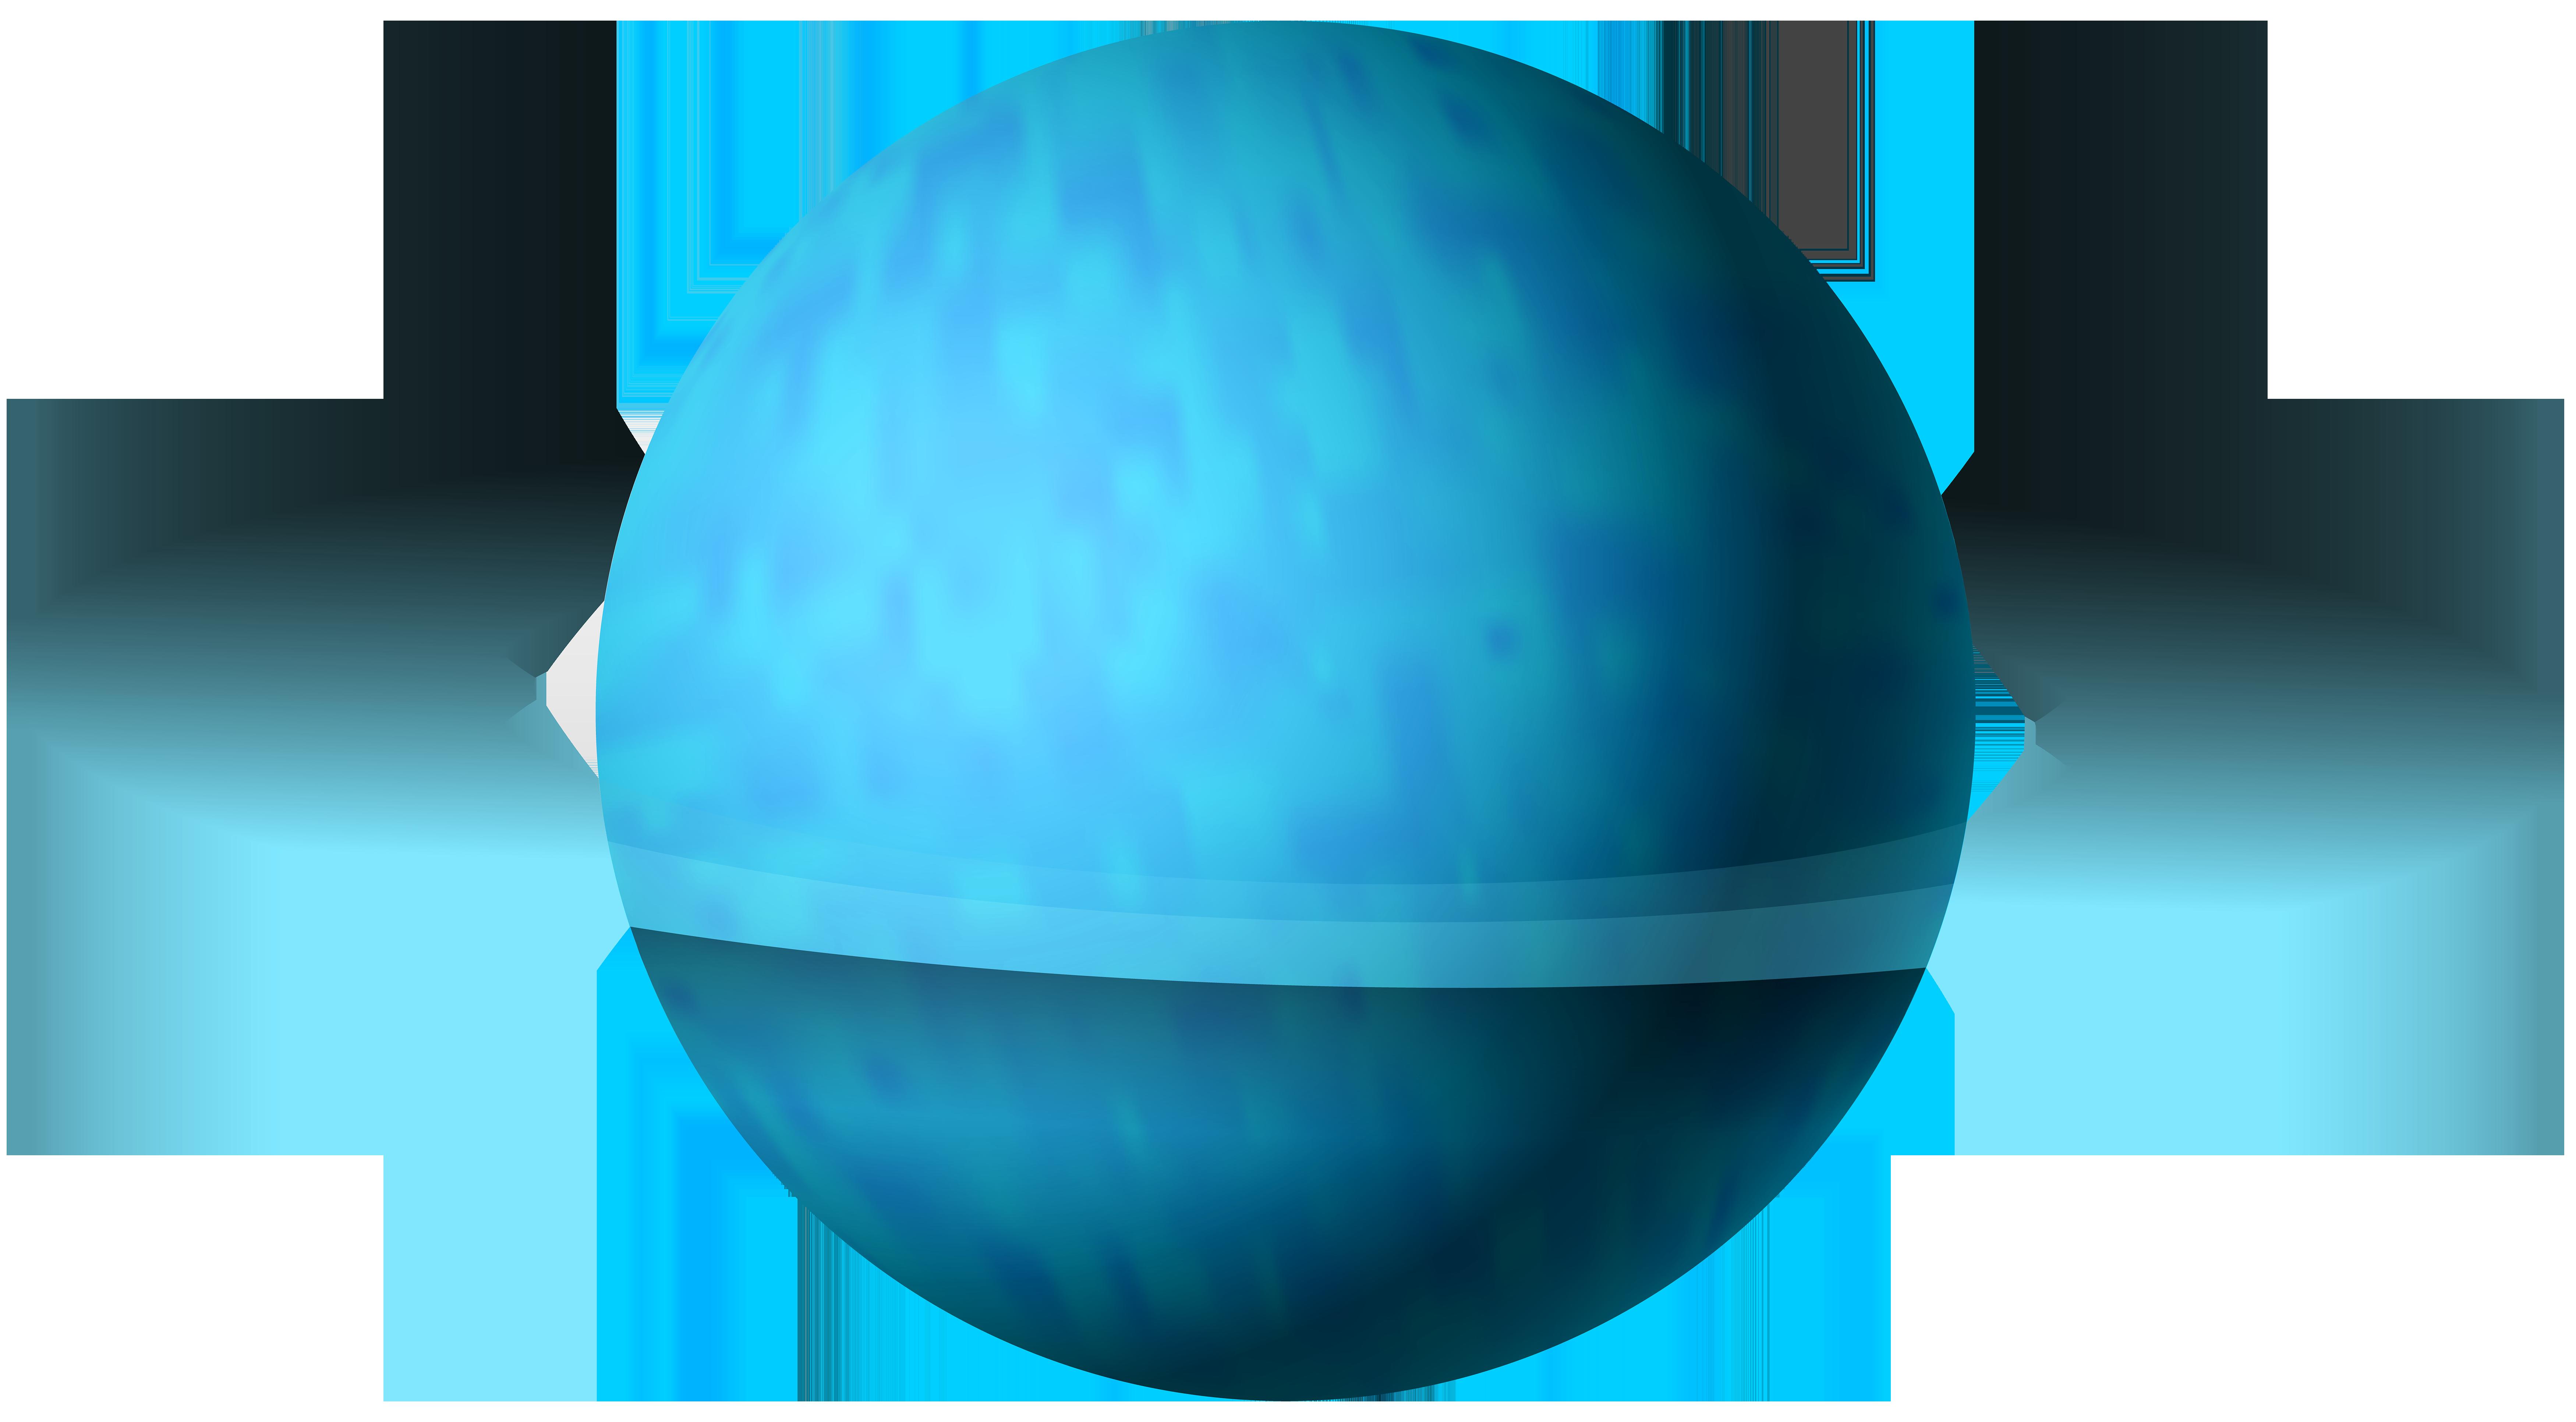 Clipart Of Uranus.